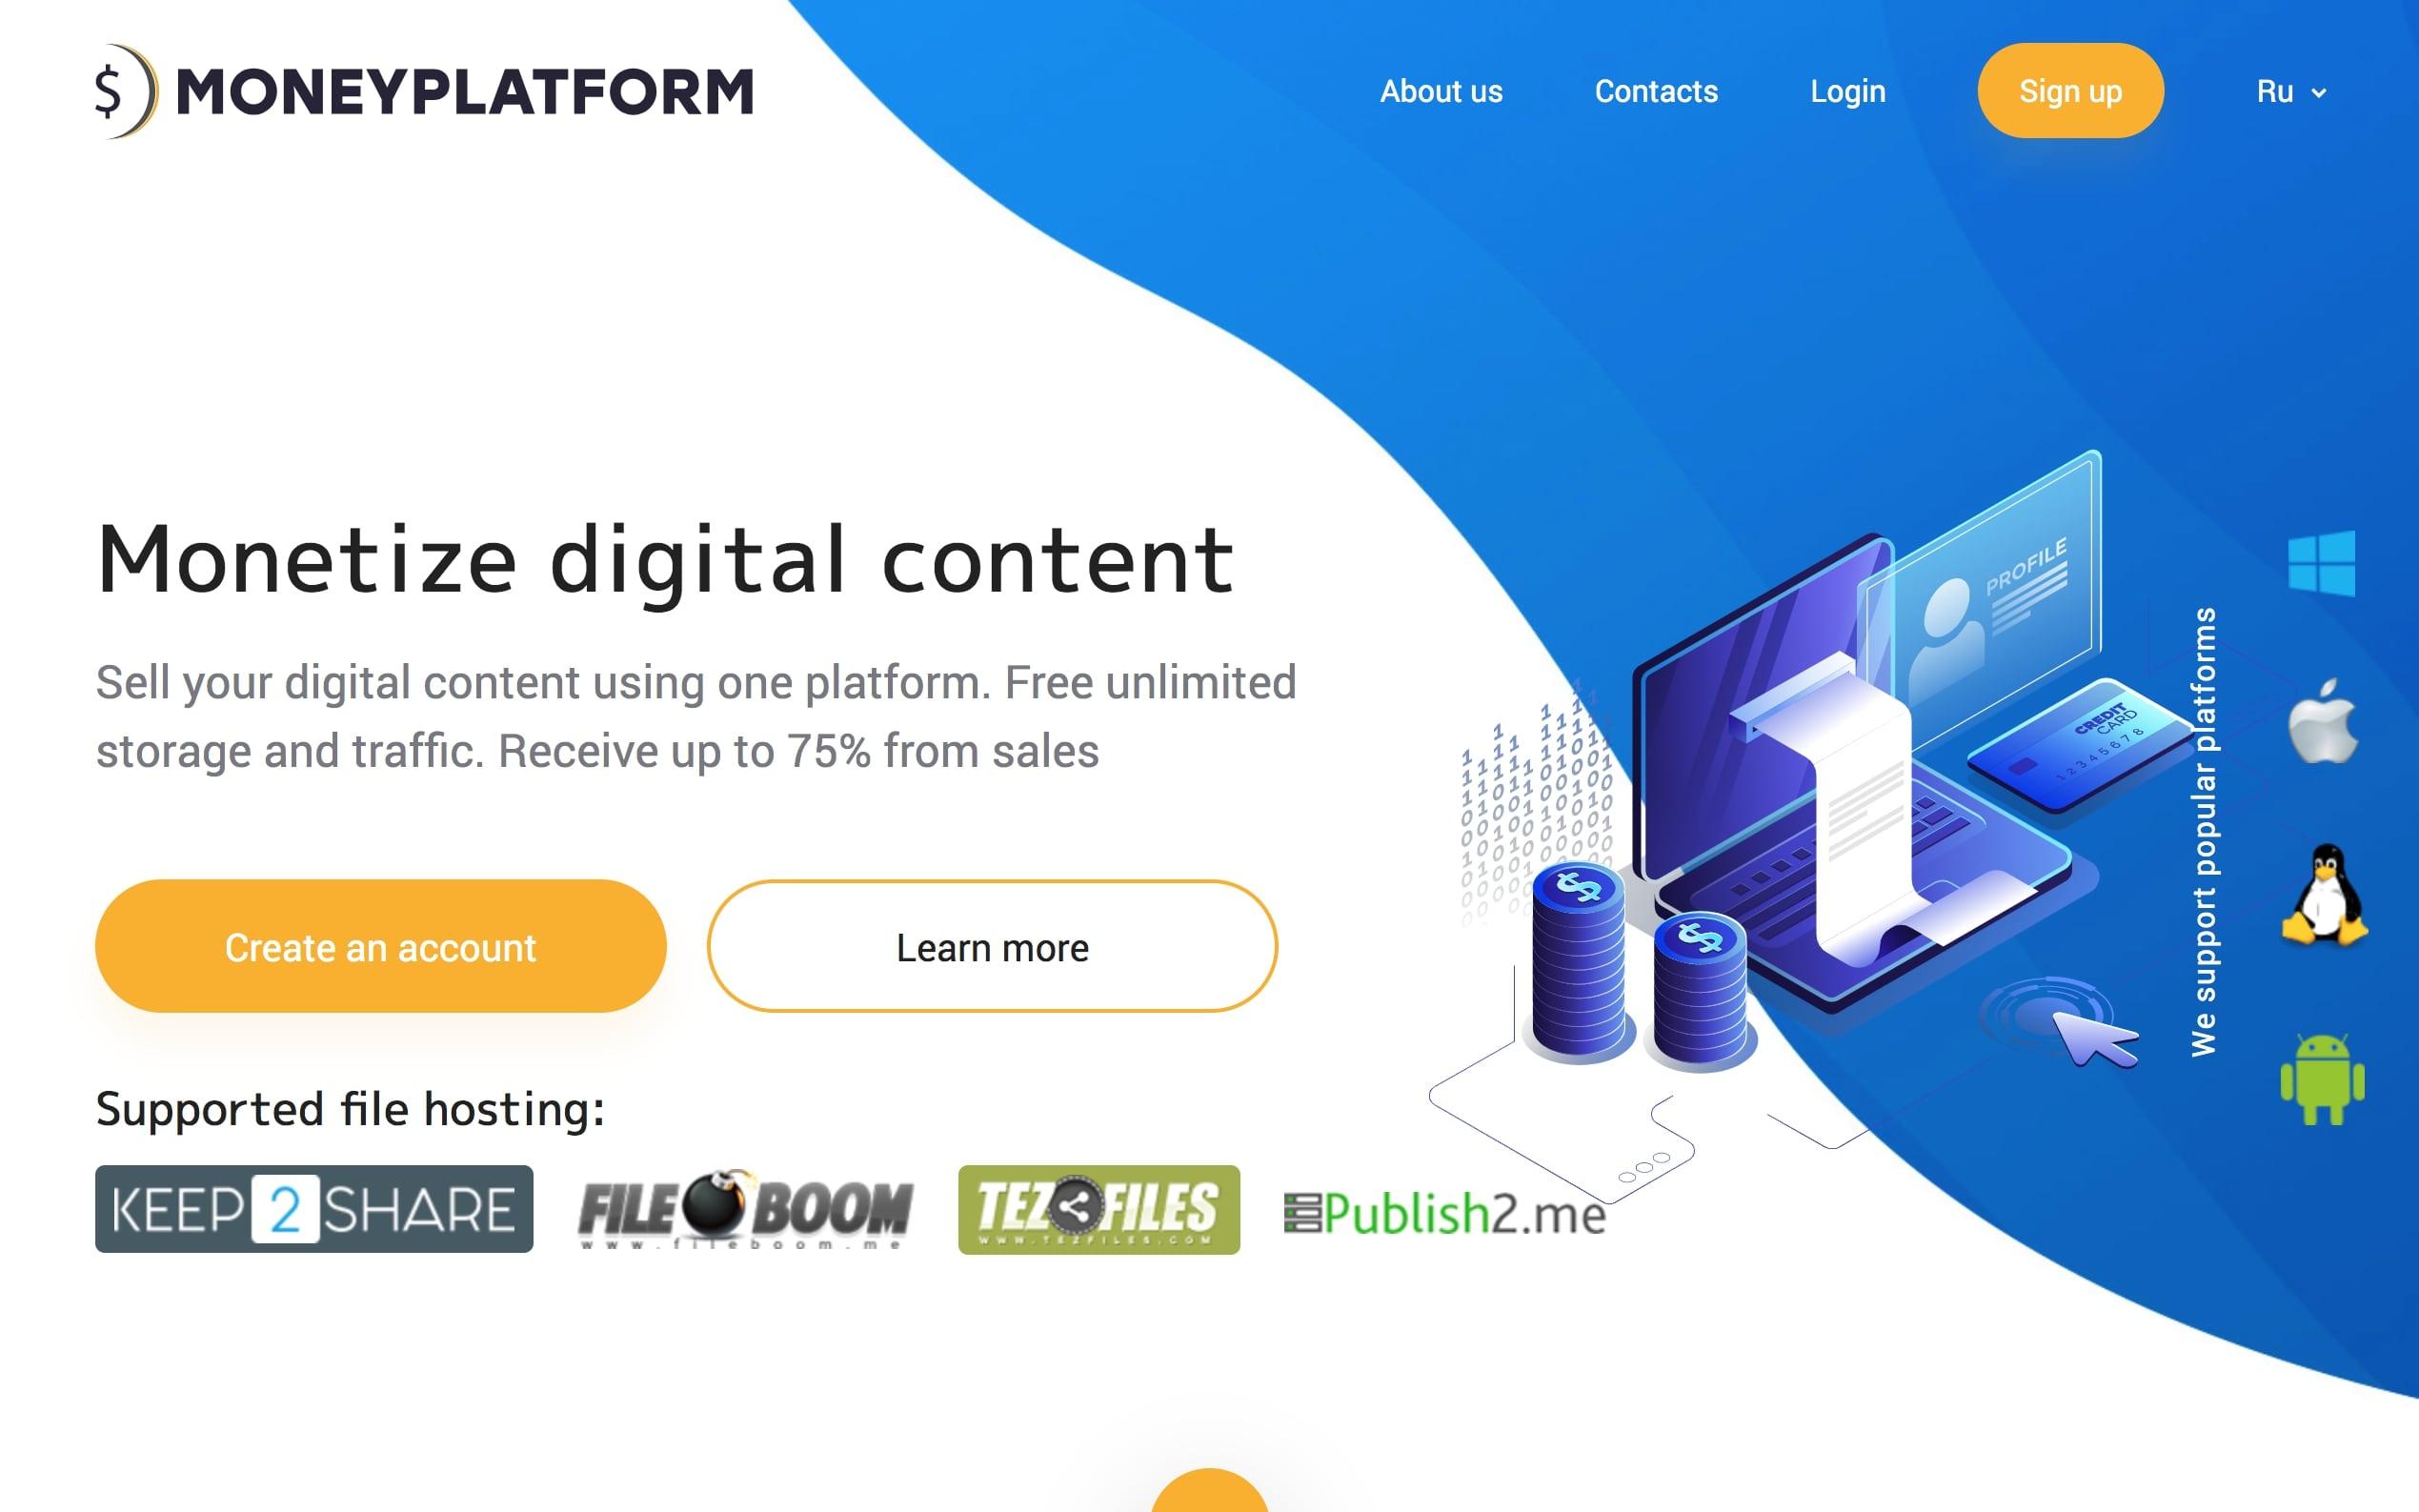 Screenshot der MoneyPlatform Homepage. Veranschaulicht, wie Sie Ihre digitalen Inhalte monetarisieren können.